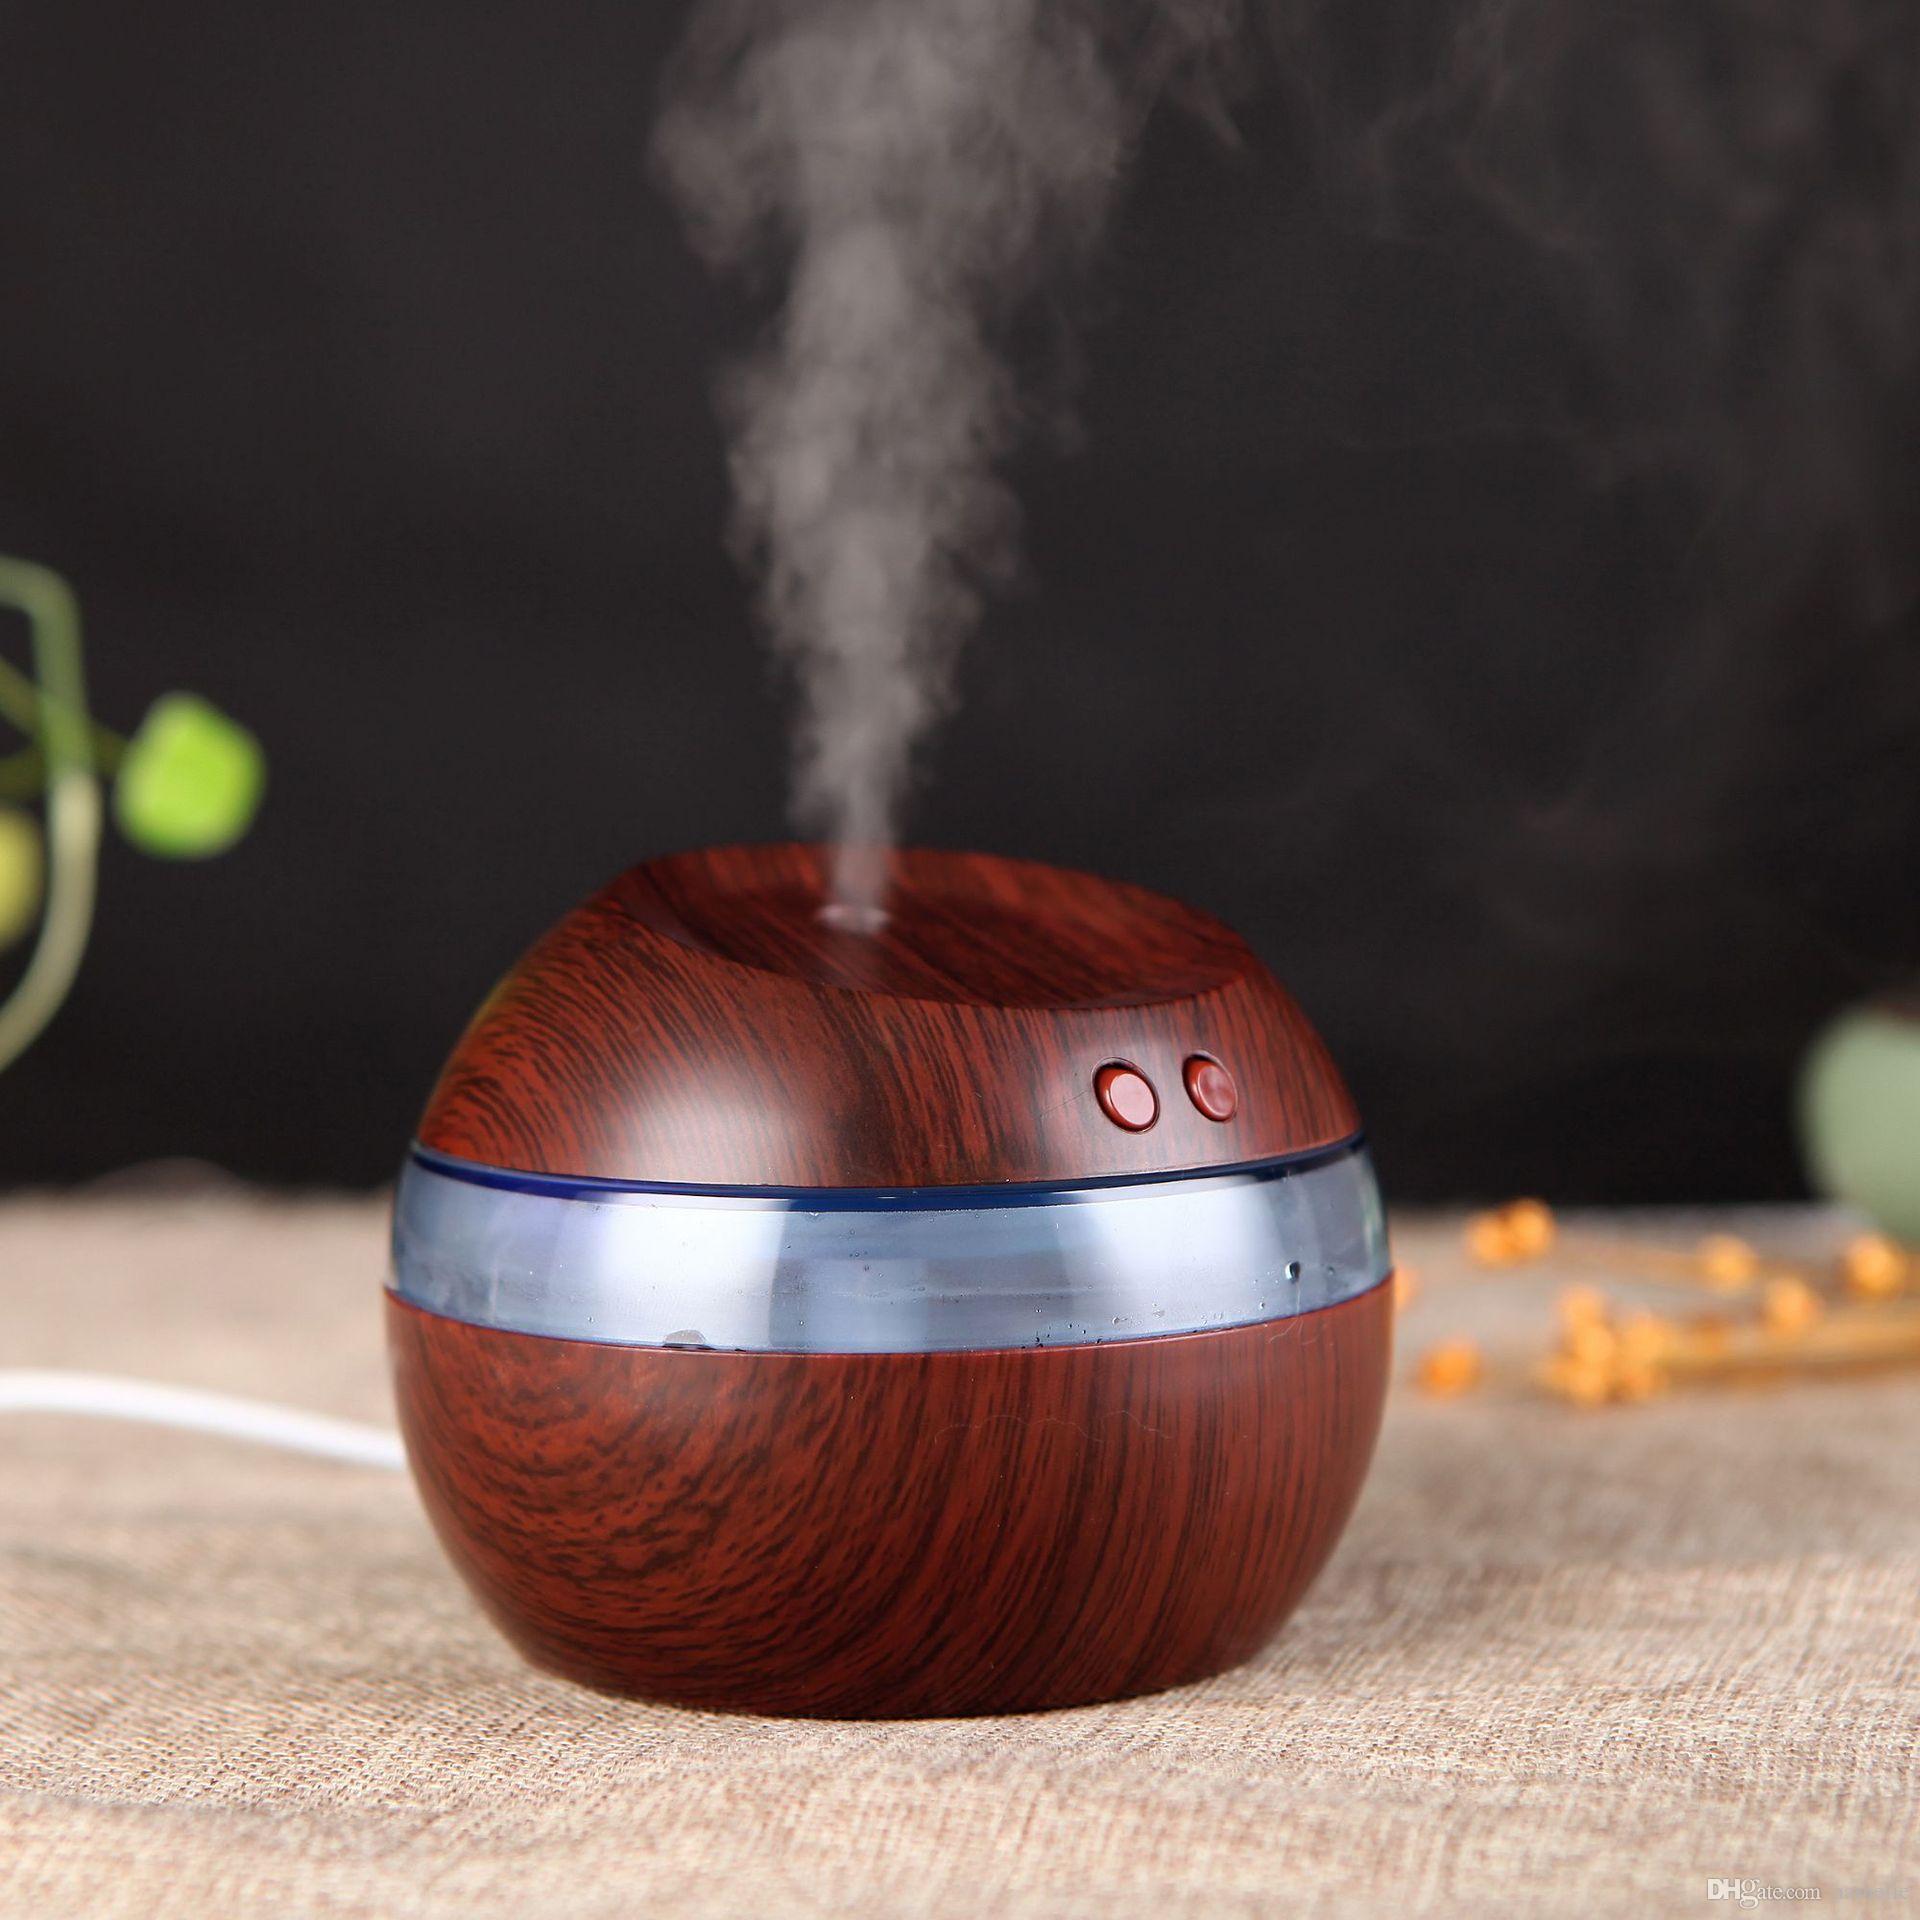 Atacado 300ml USB ultra-sônico Umidificador Aroma Difusor Essential Oil Difusor fabricante Aromaterapia névoa com frete LED azul claro gratuito